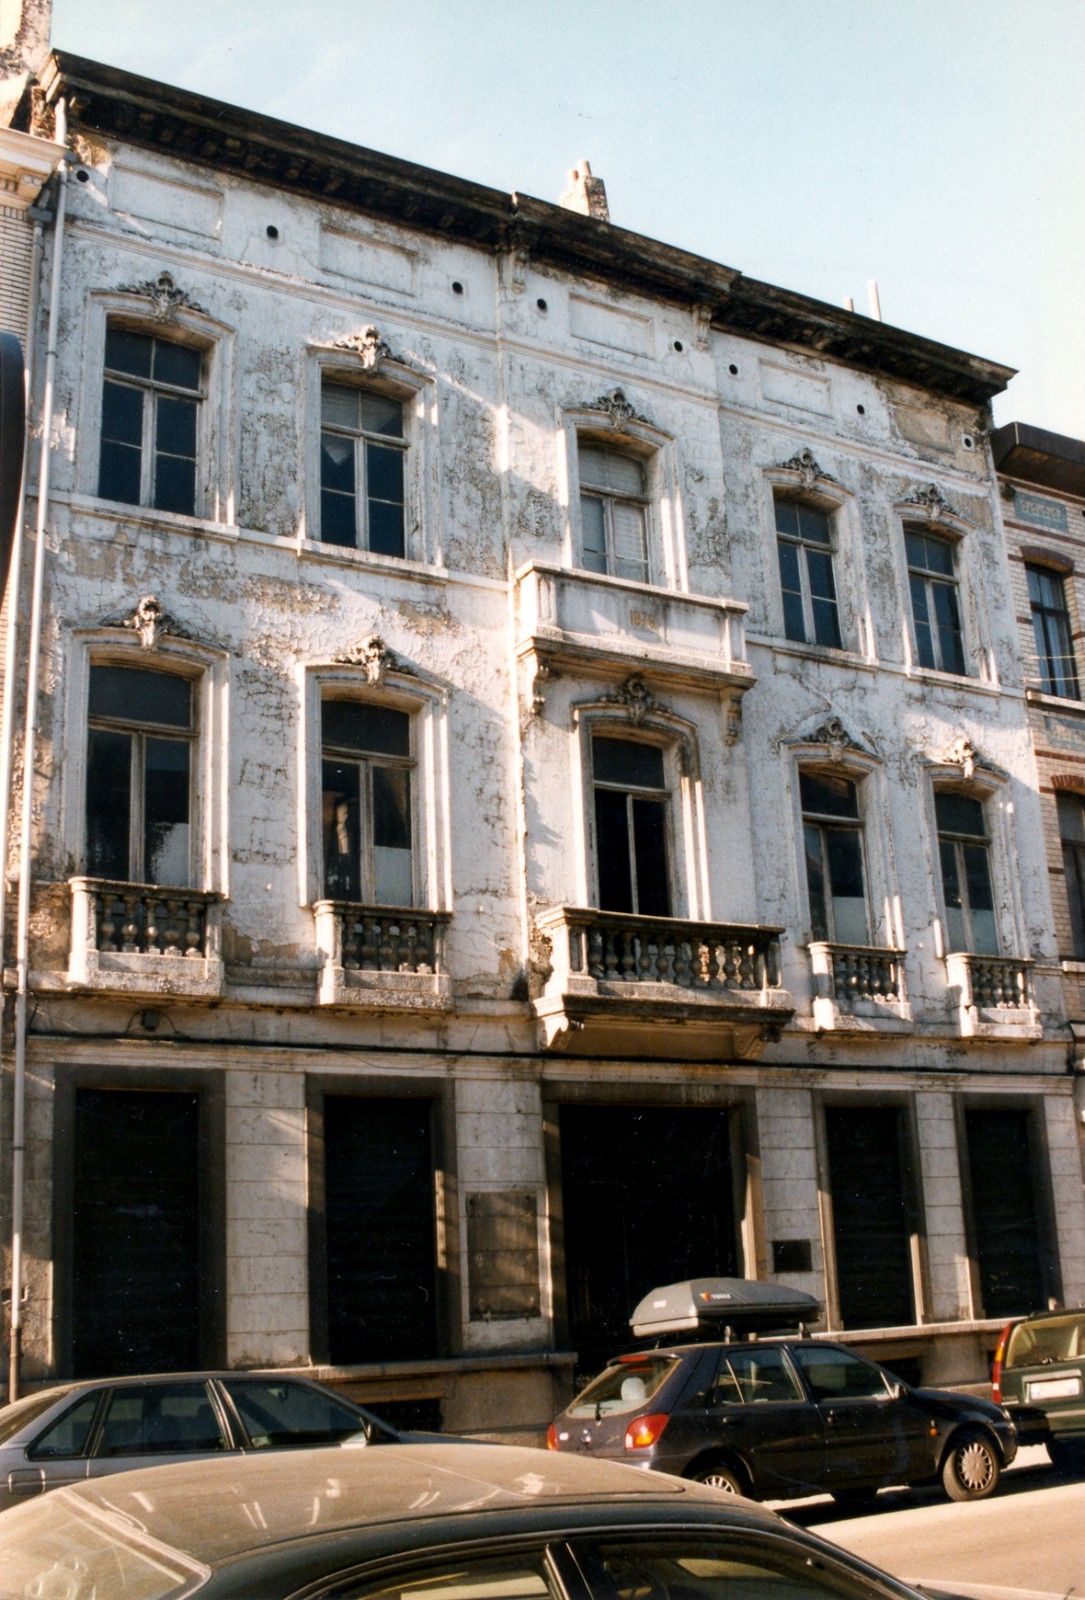 Rue de Mérode 127, bâtiment act. à l\'abandon., 1997